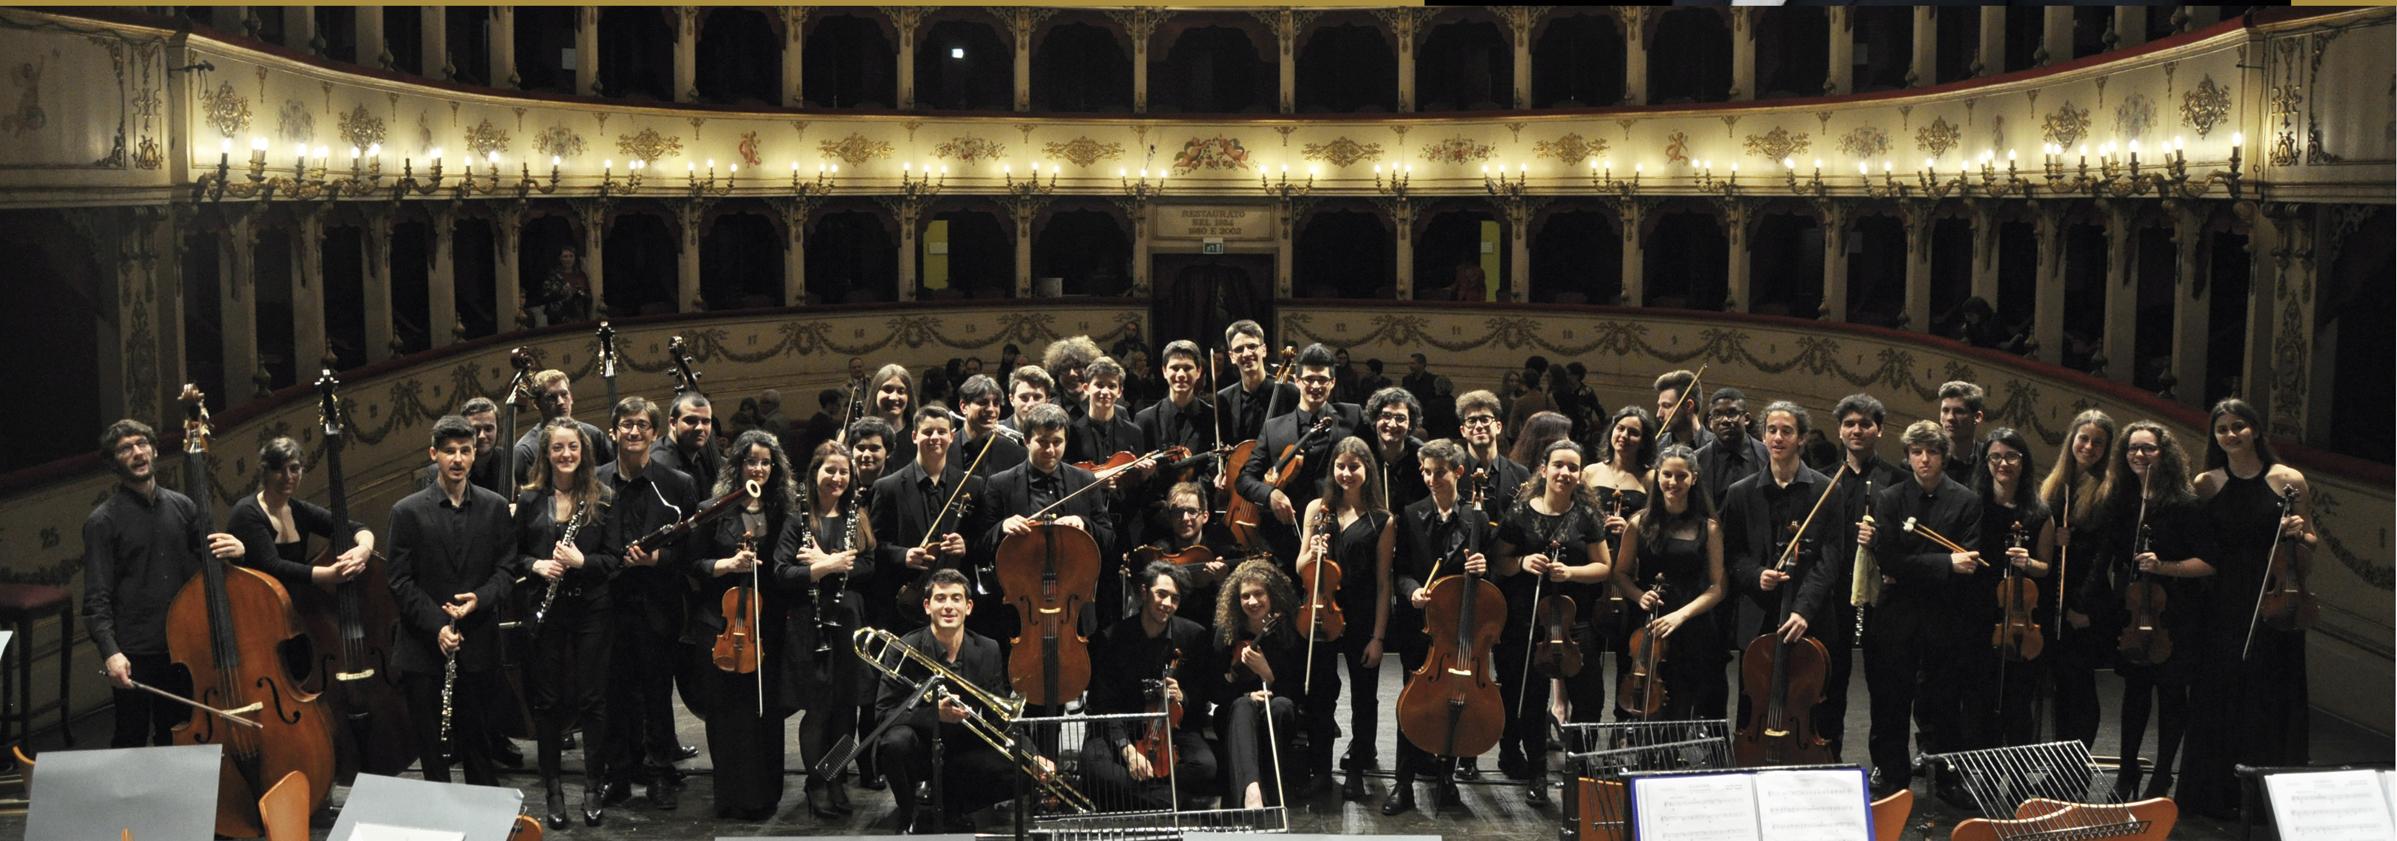 PESARO, DOMENICA 11 OTTOBRE GIOACHINO ORCHESTRA DIRETTA DA ALESSANDRO BONATO IN CONCERTO